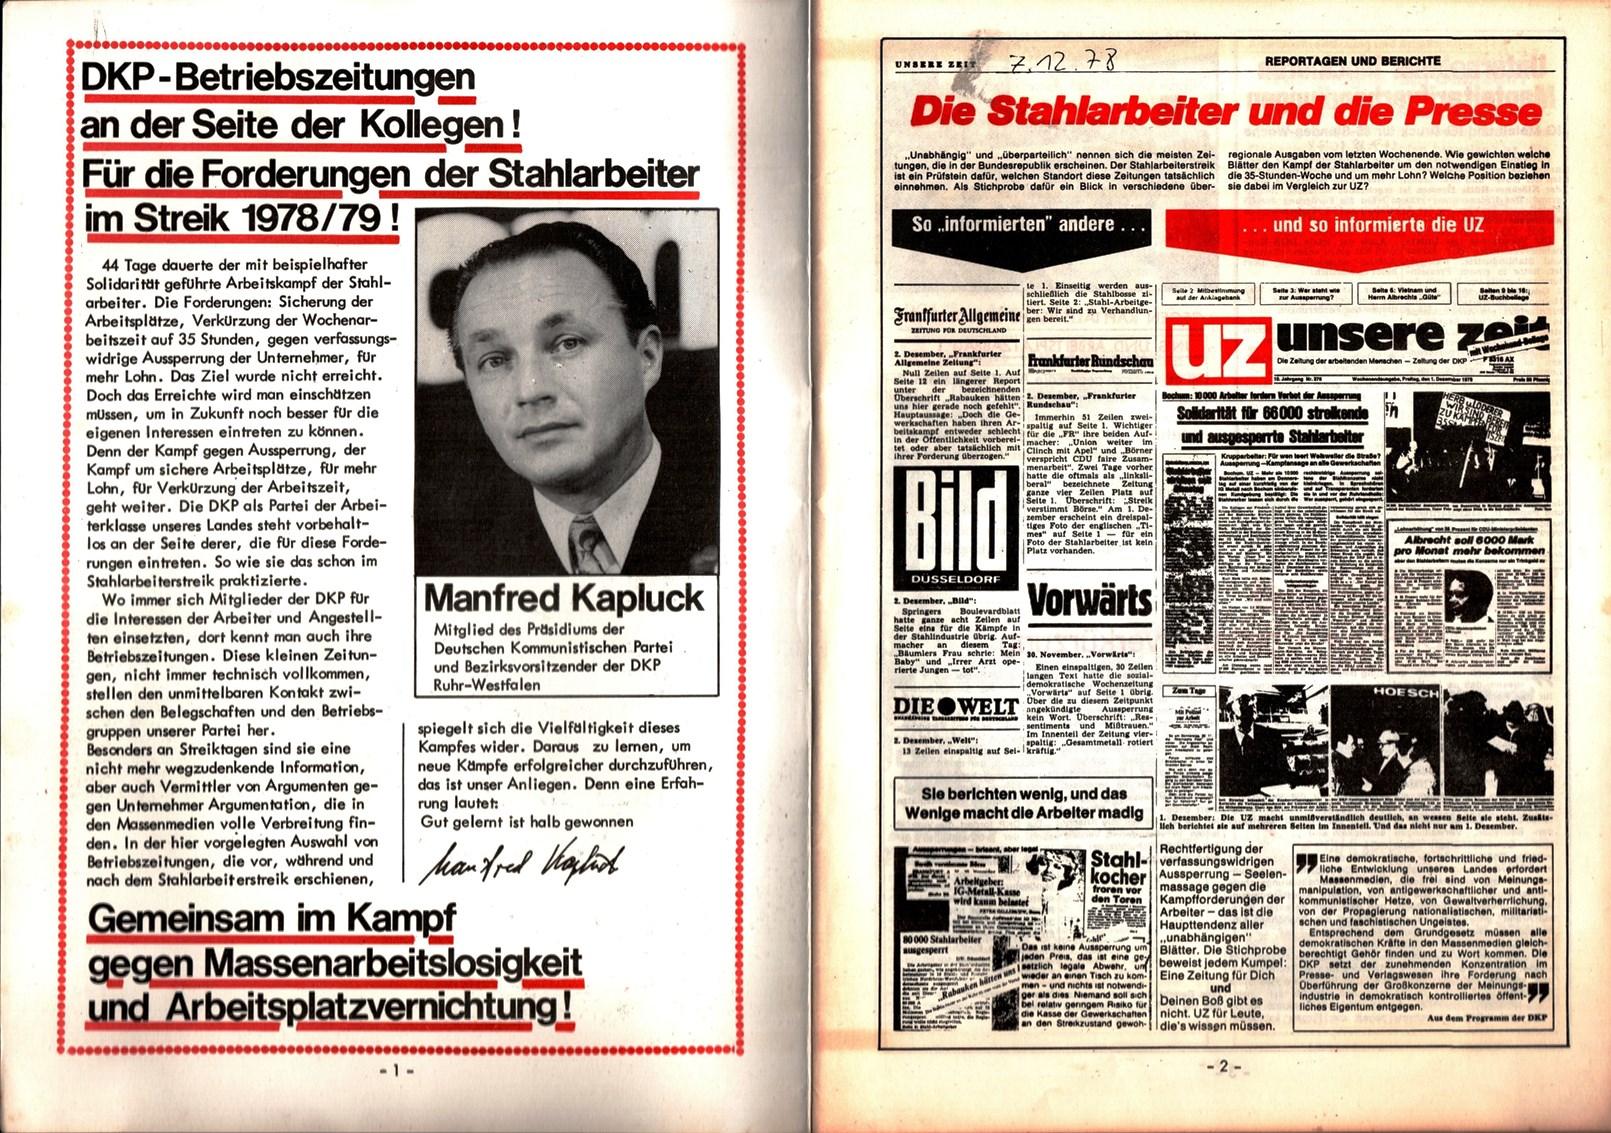 NRW_DKP_Stahlarbeiterstreik_1978_1979_002